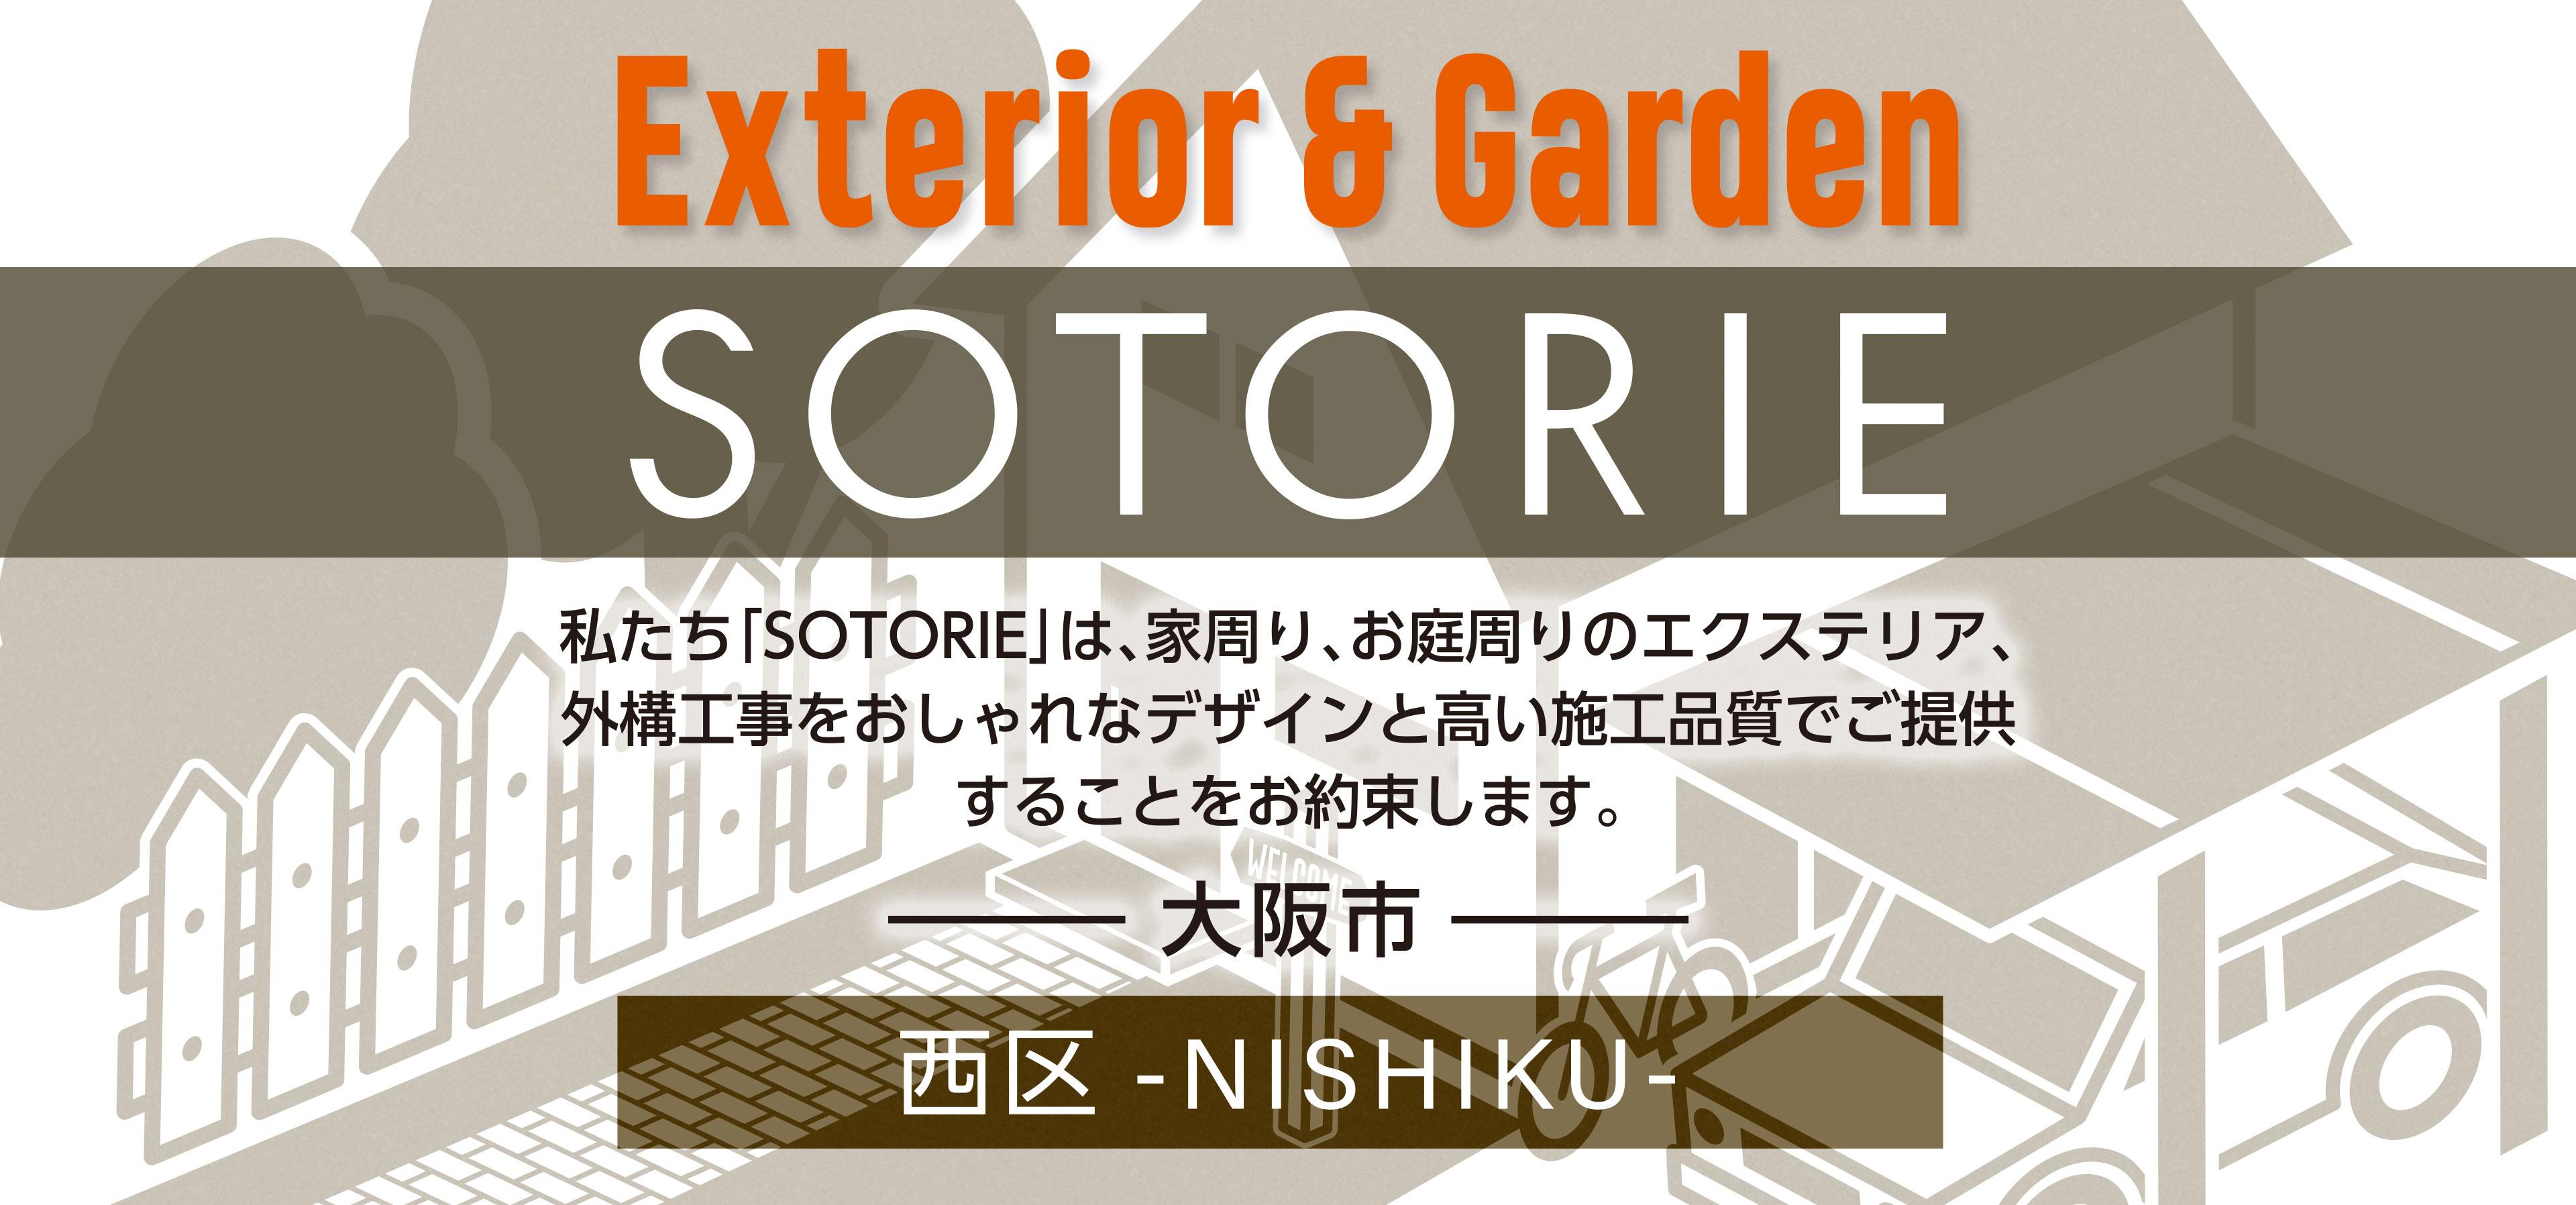 ソトリエ大阪市西区では、家周りと庭周りの外構、エクステリア工事をおしゃれなデザインと高い施工品質でご提供することをお約束します。